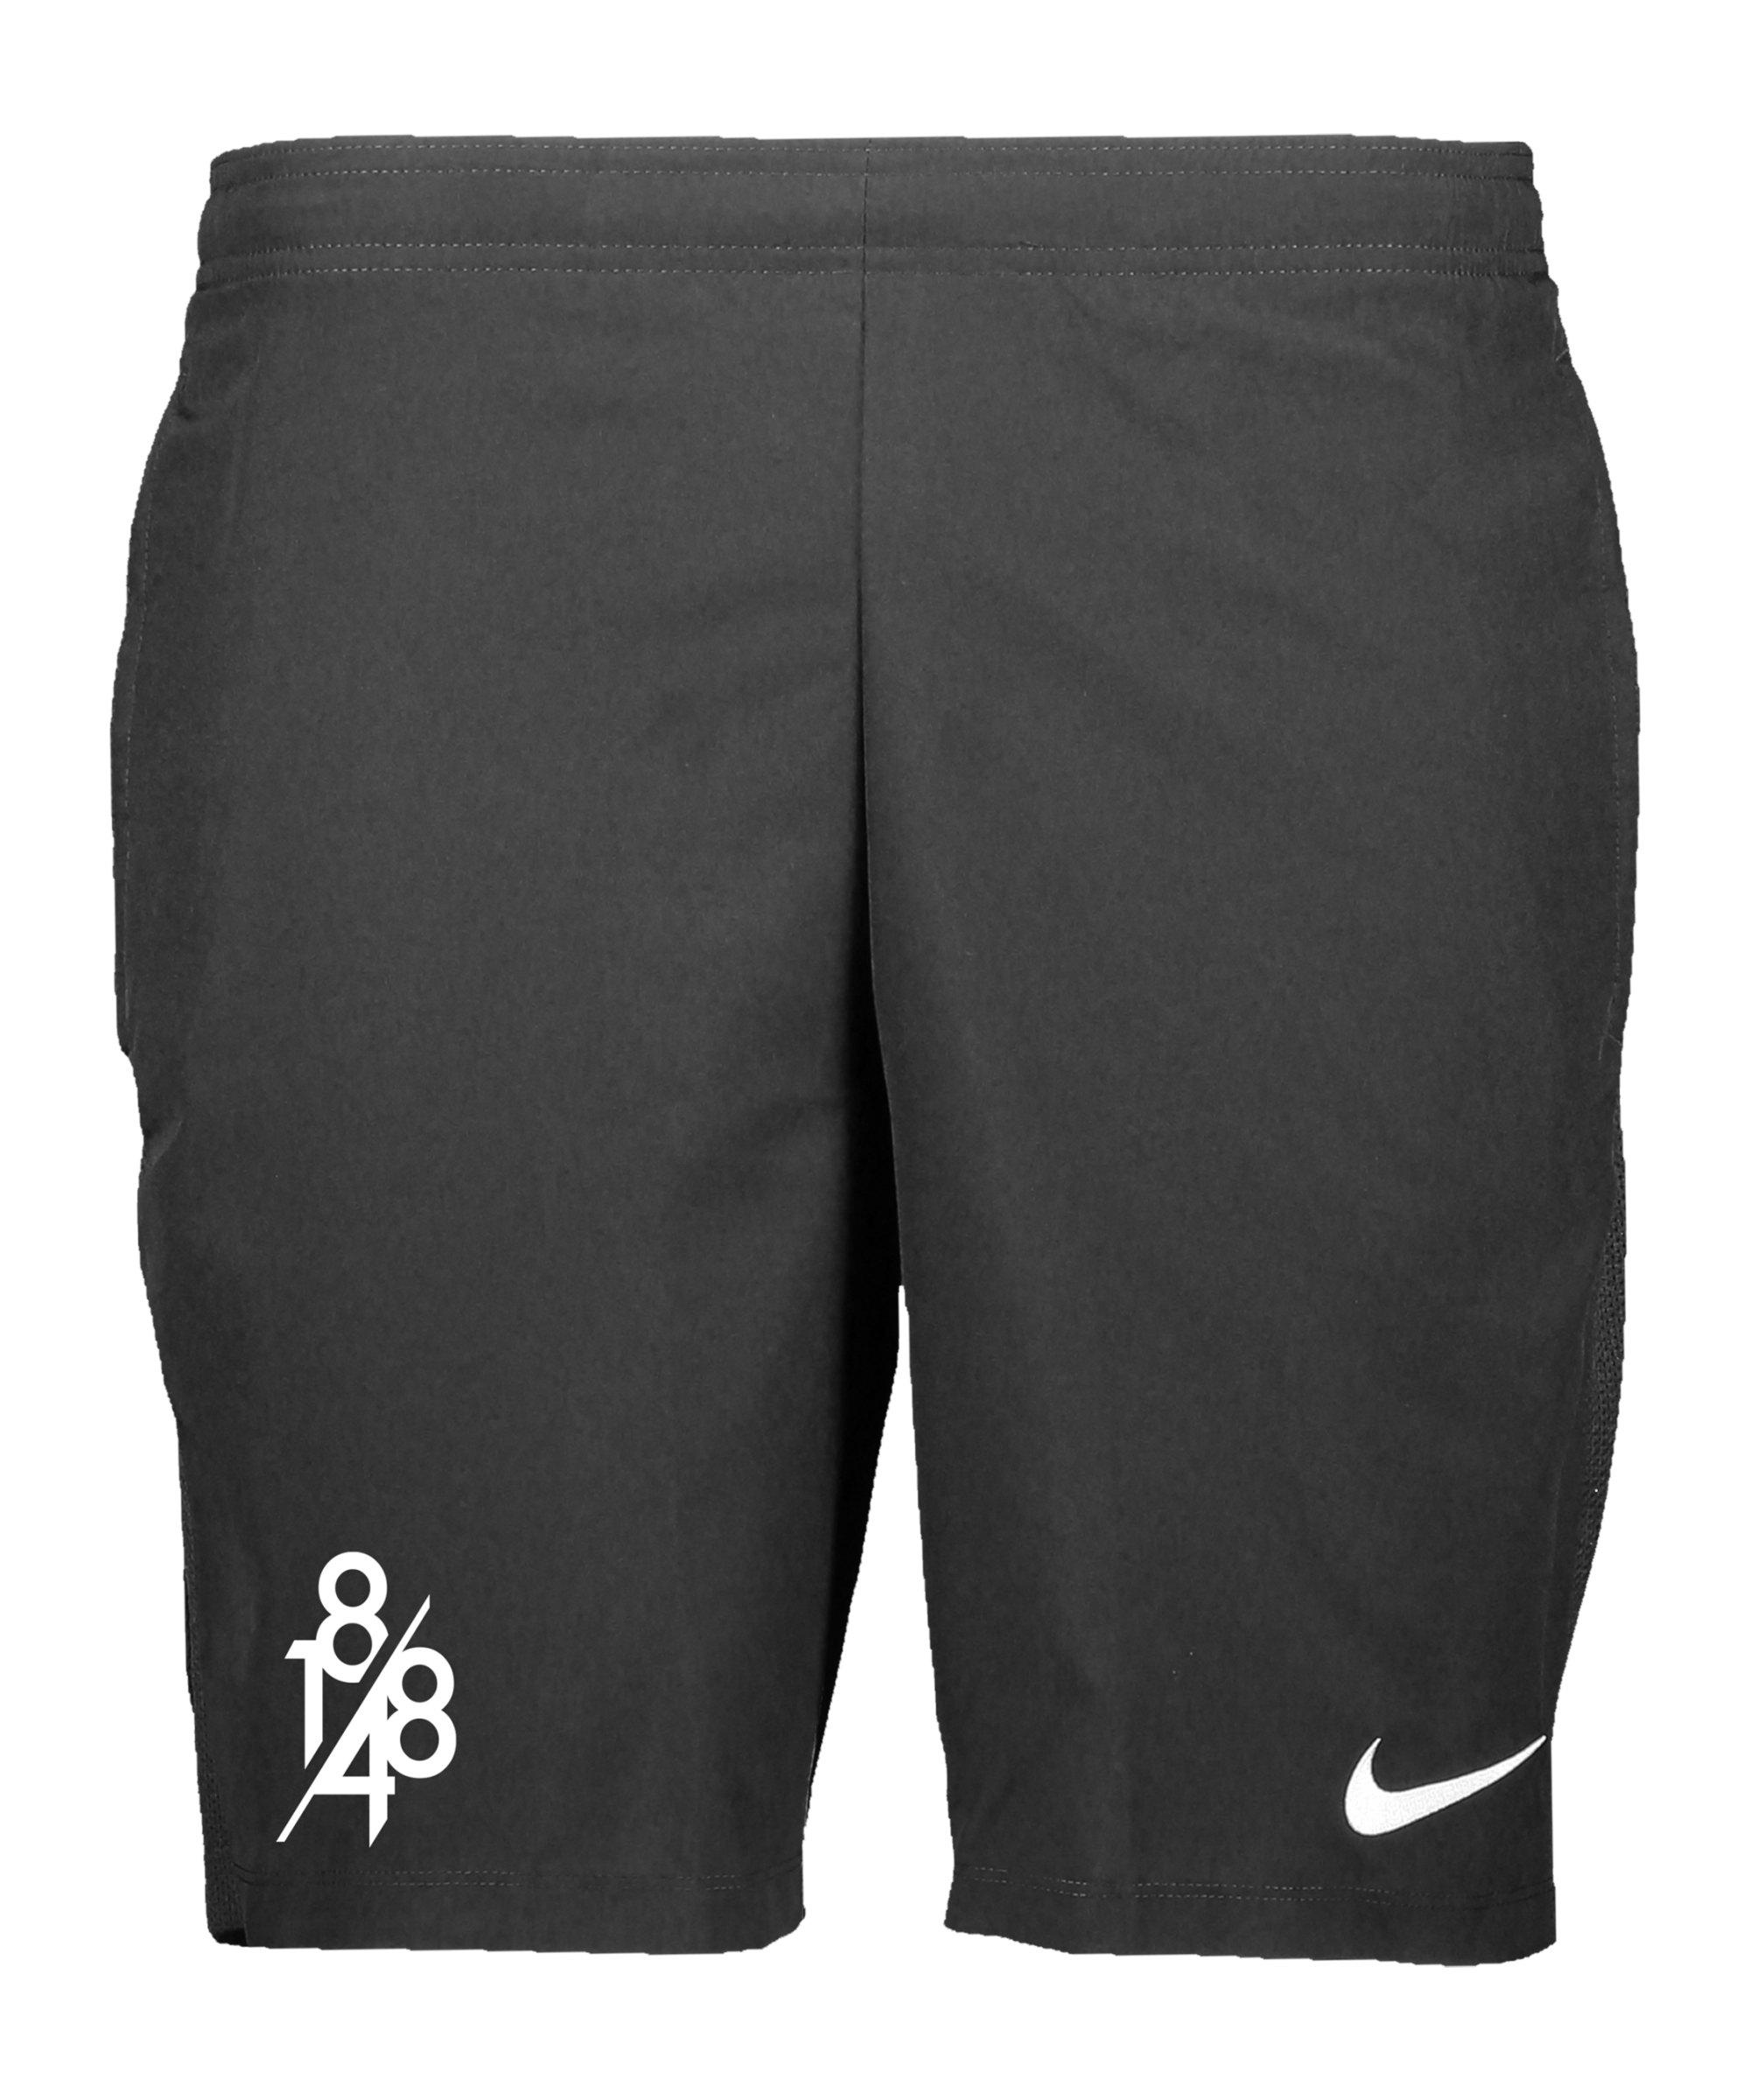 Nike VfL Bochum Trainingsshort Schwarz F010 - schwarz